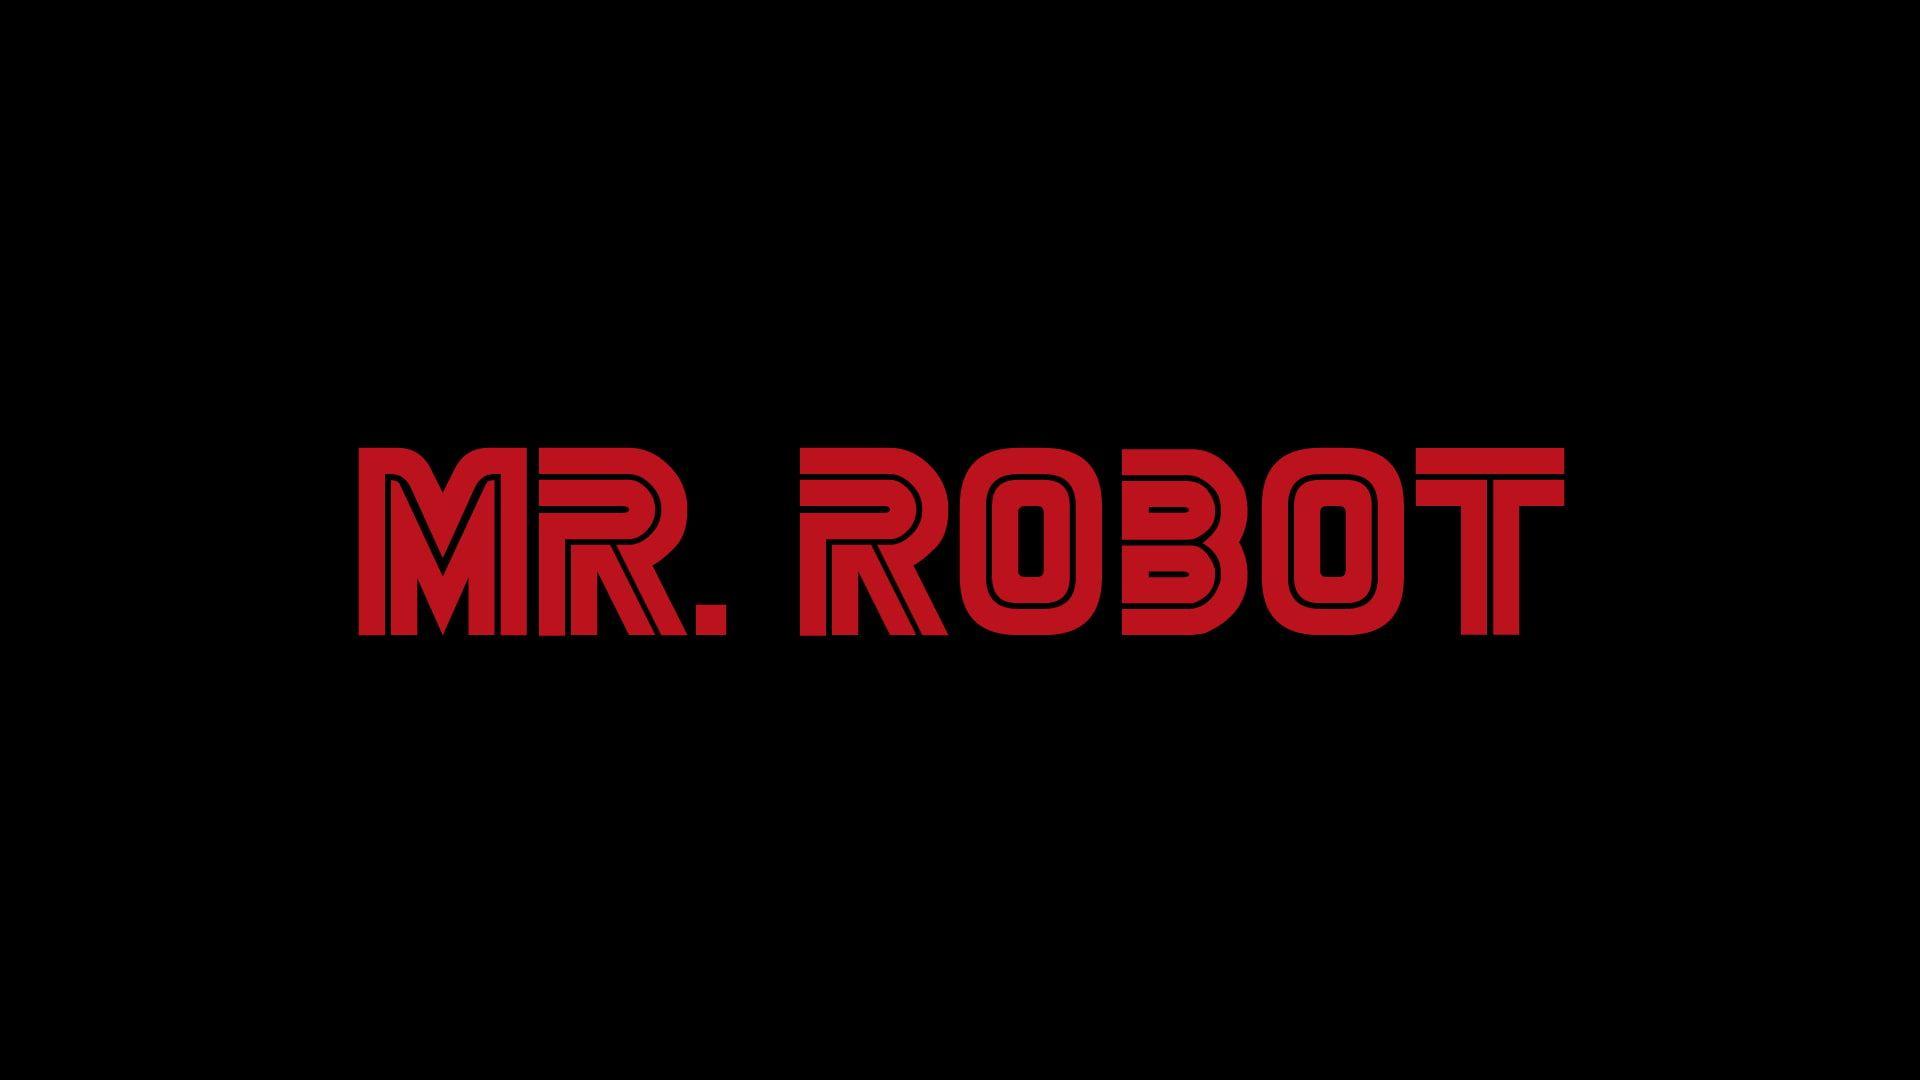 Mr Robot Logo Tv Series 1080p Wallpaper Hdwallpaper Desktop Mr Robot Robot Picture Robot